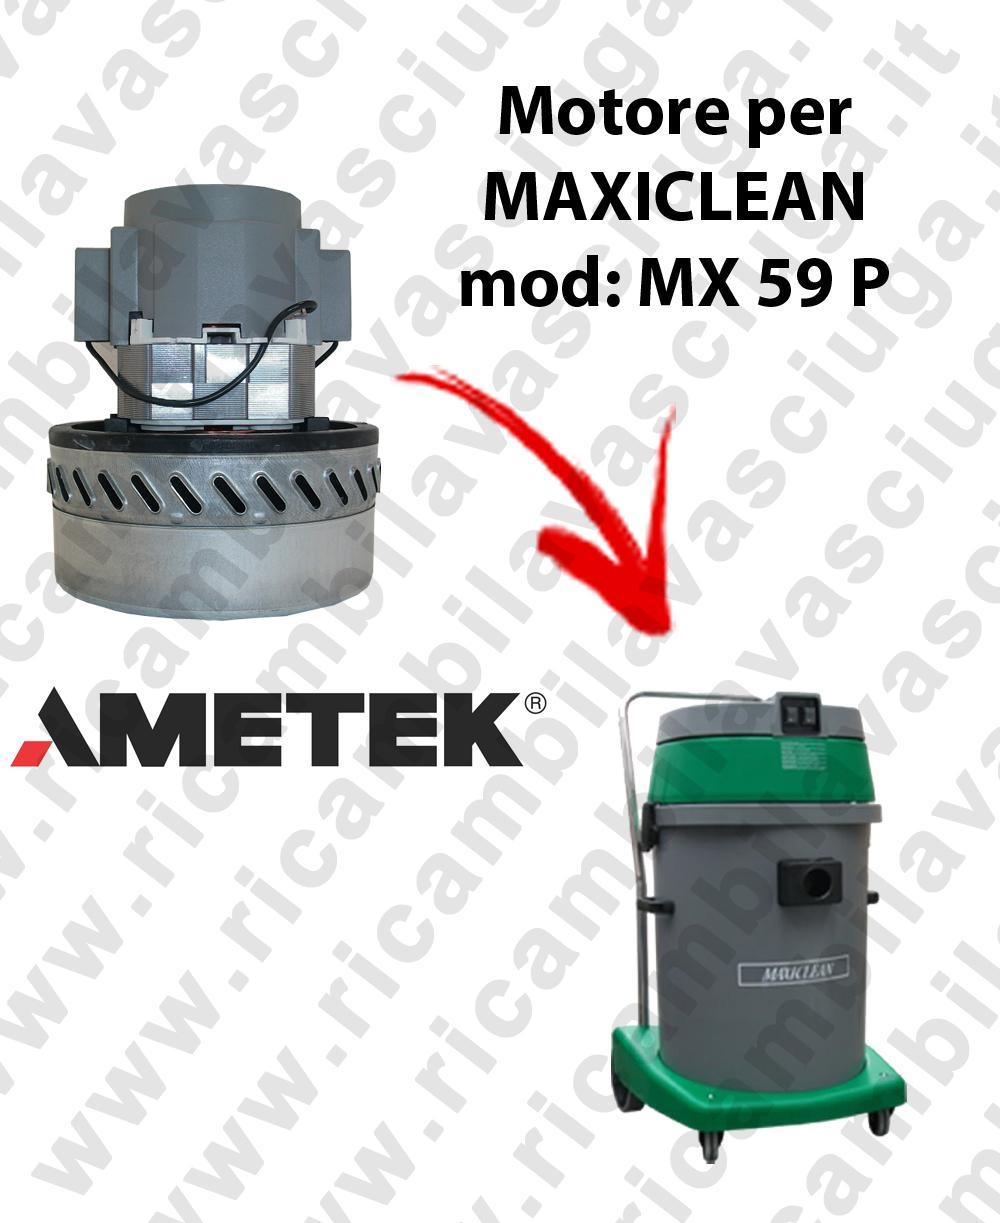 MX 59 P MOTORE AMETEK di aspirazione per aspirapolvere e aspiraliquidi MAXICLEAN